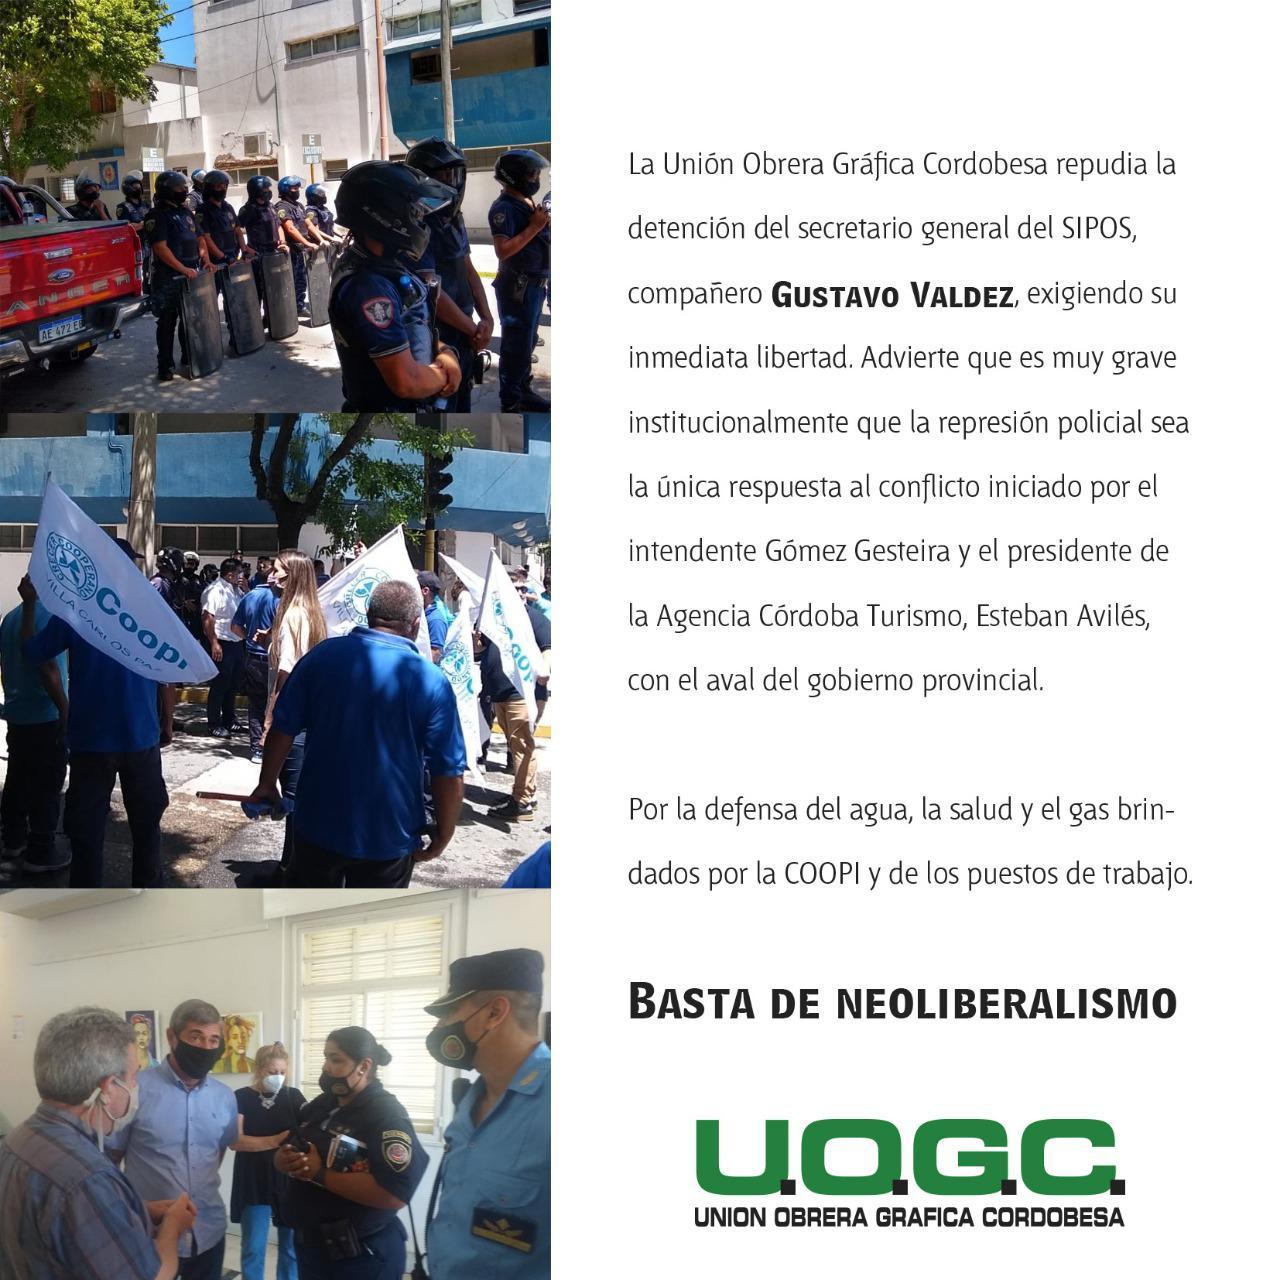 UOGC repudia la detención de Valdez